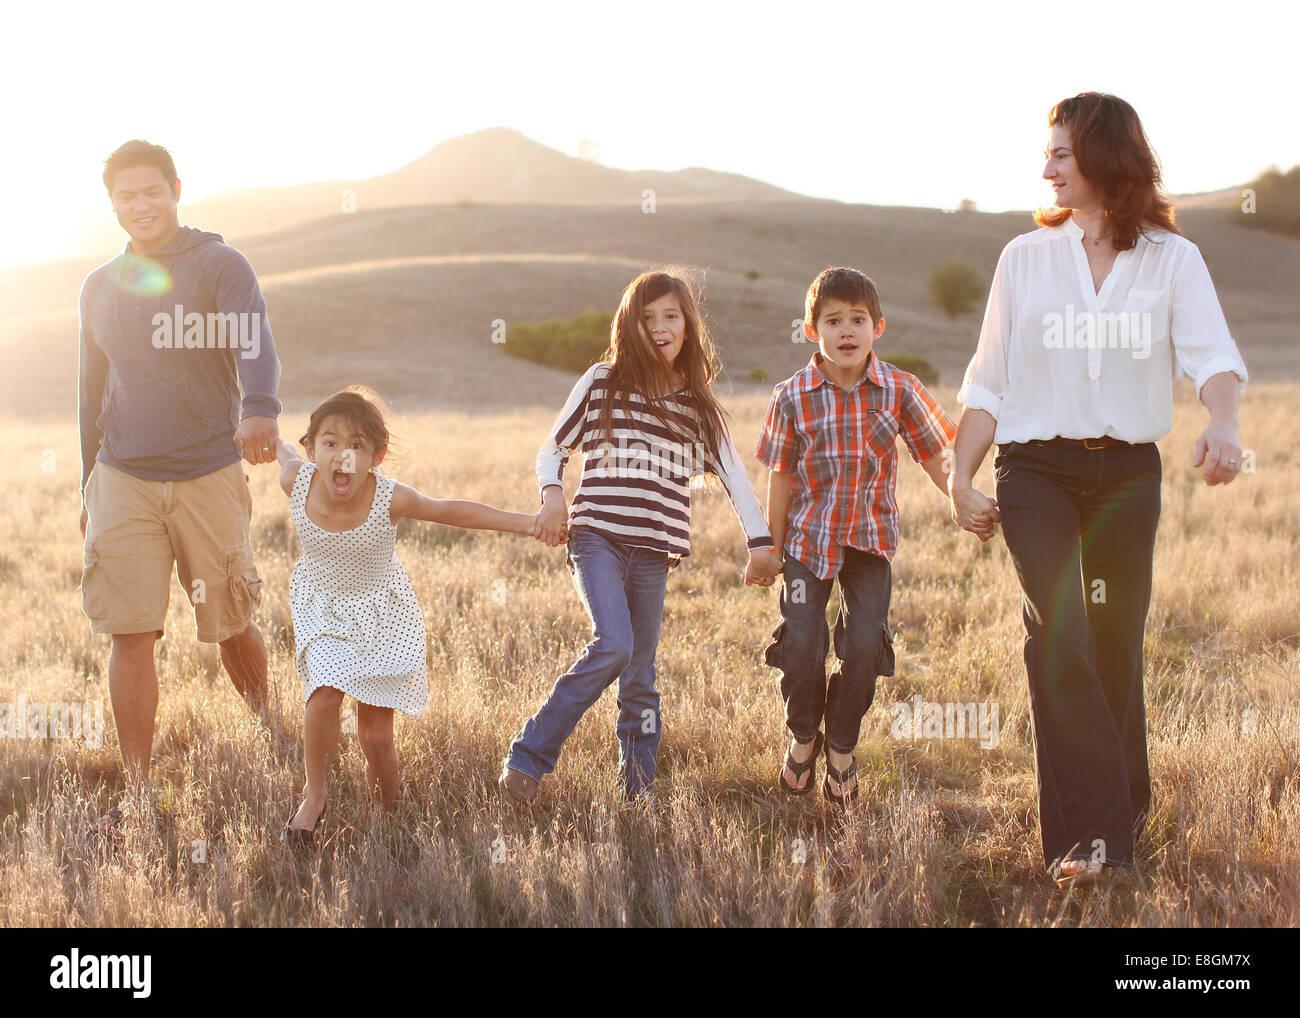 Famiglia di cinque Holding Hands, passeggiate in Prato Immagini Stock